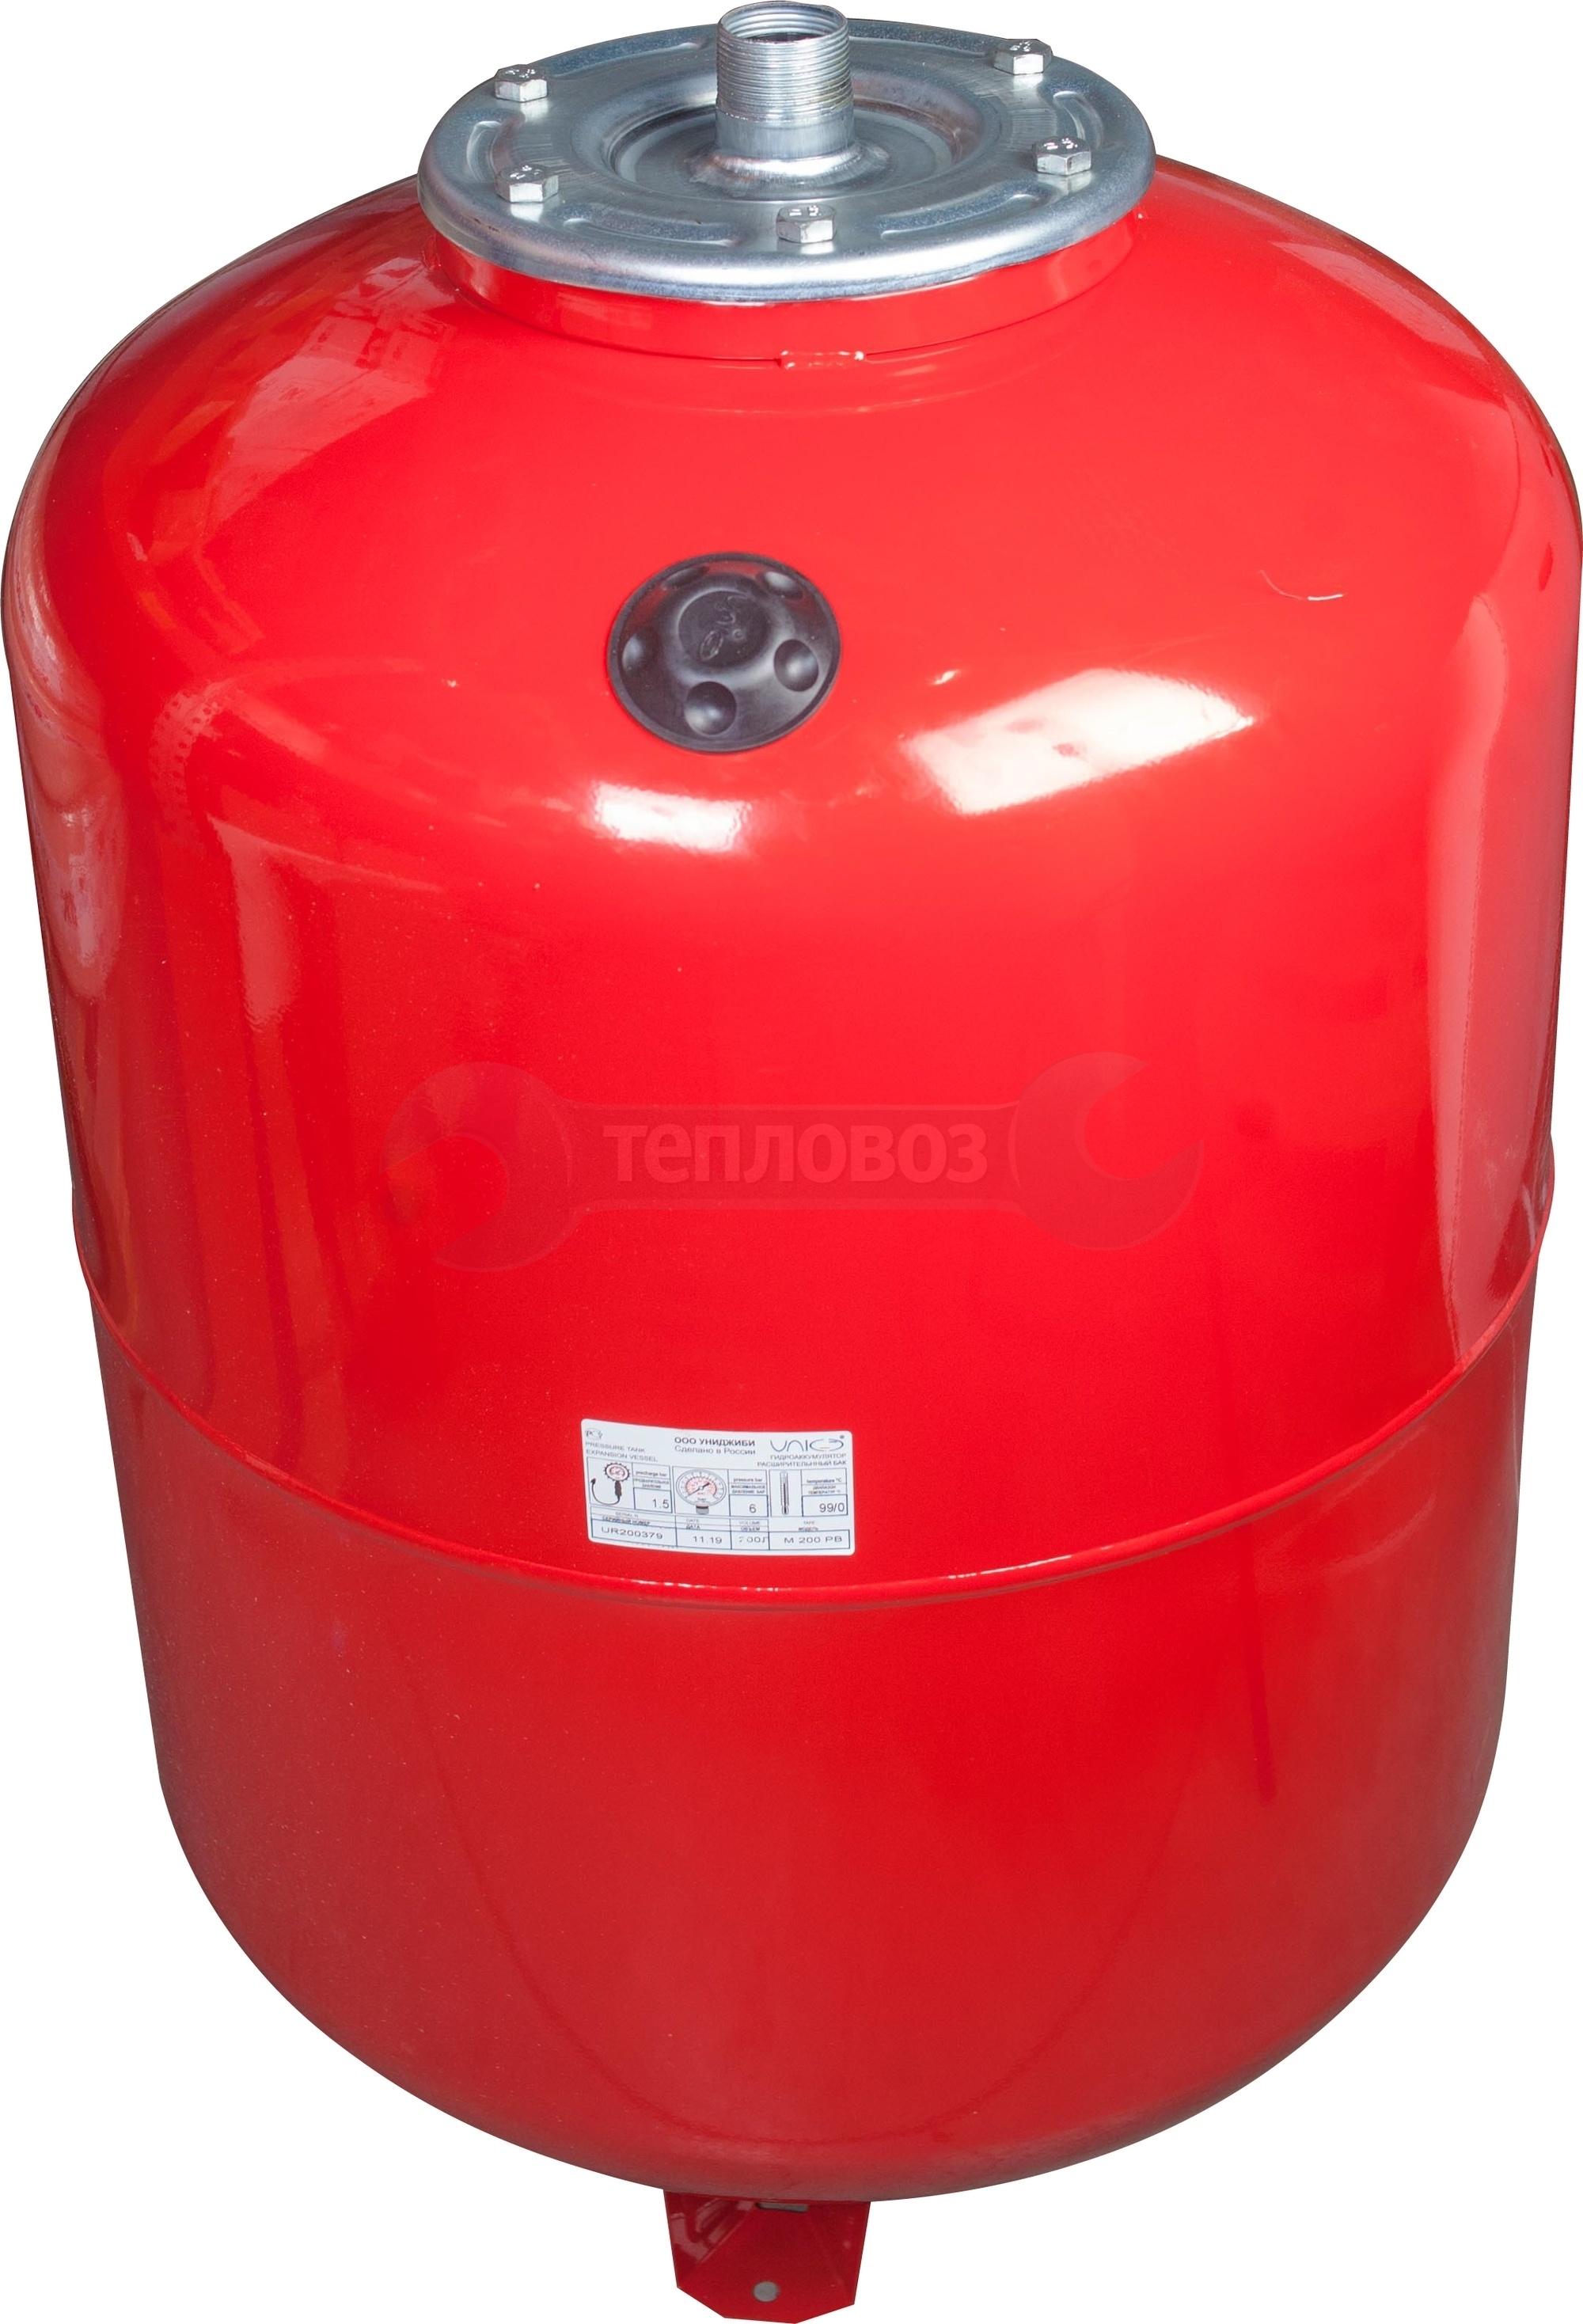 Купить Униджиби М200РВ 200 л вертикальный в интернет-магазине Дождь